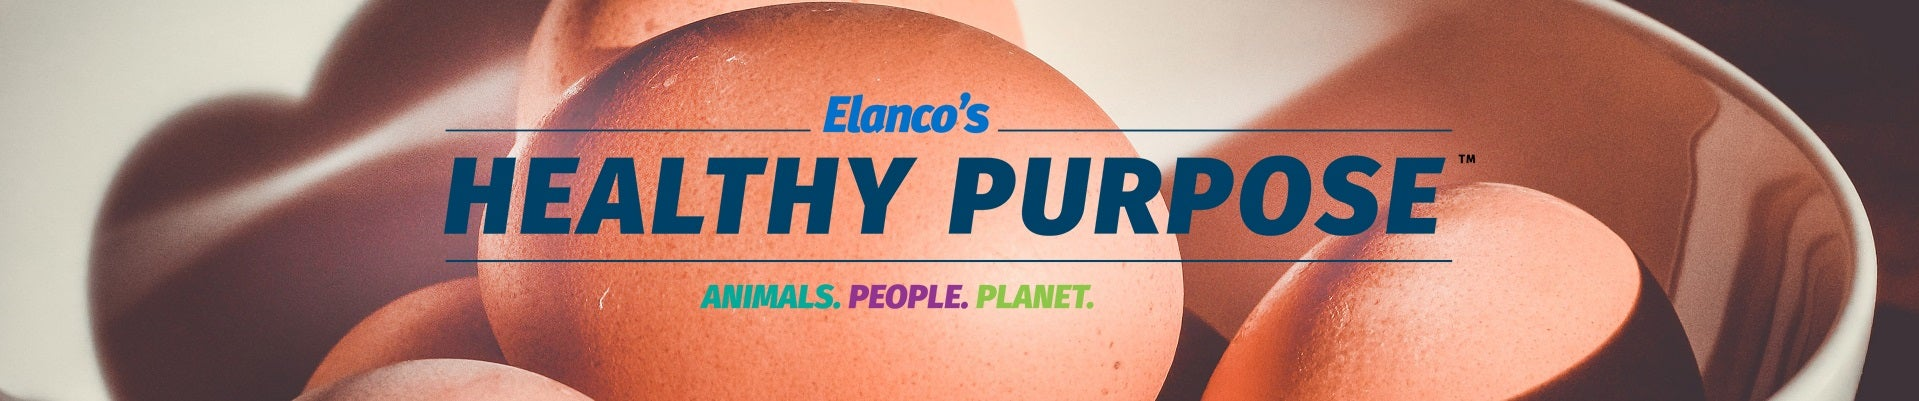 Healthy purpose header